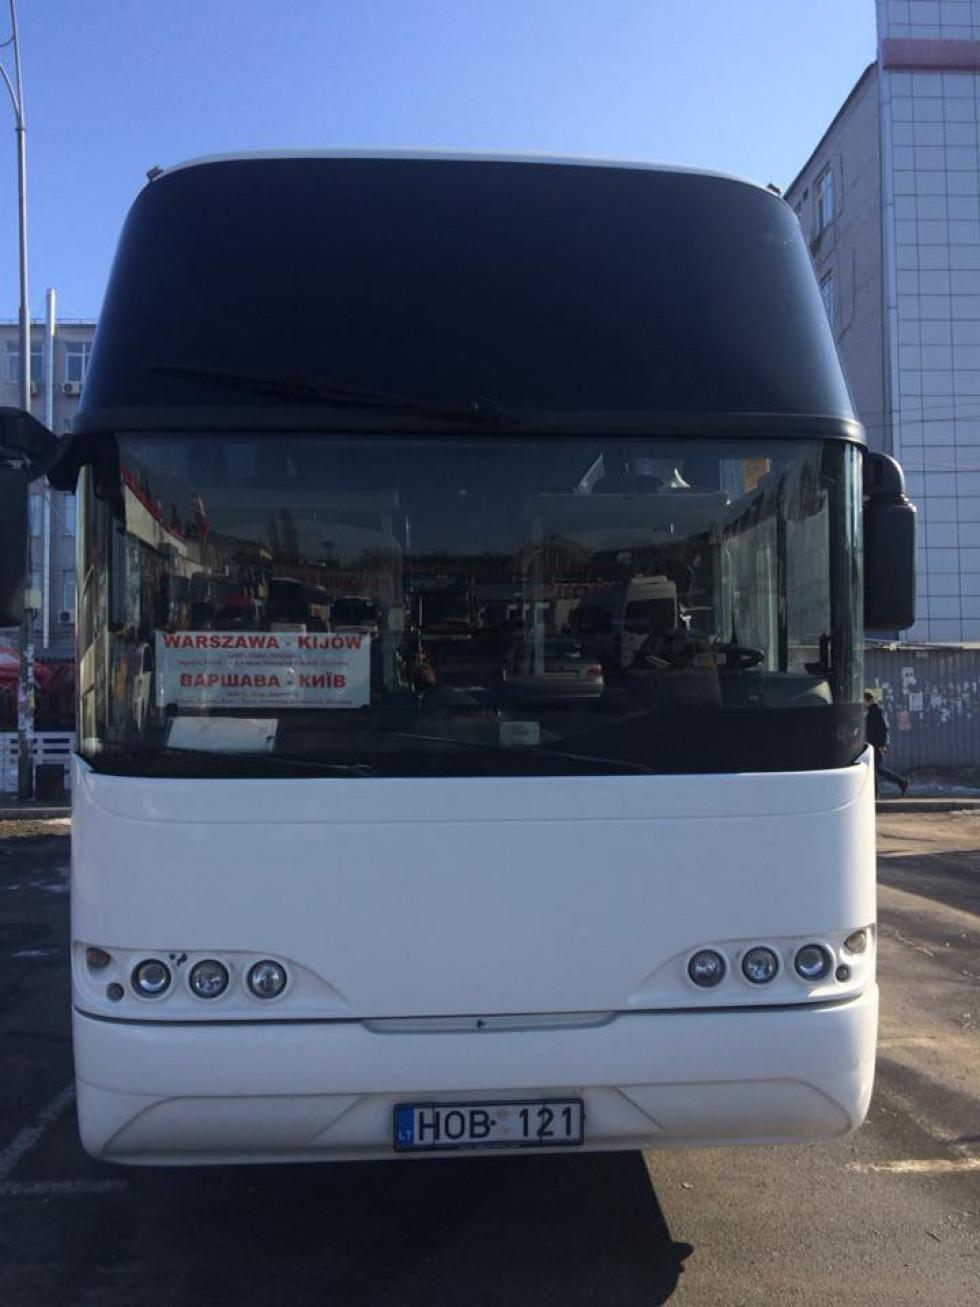 Автобус «Варшава - Київ»